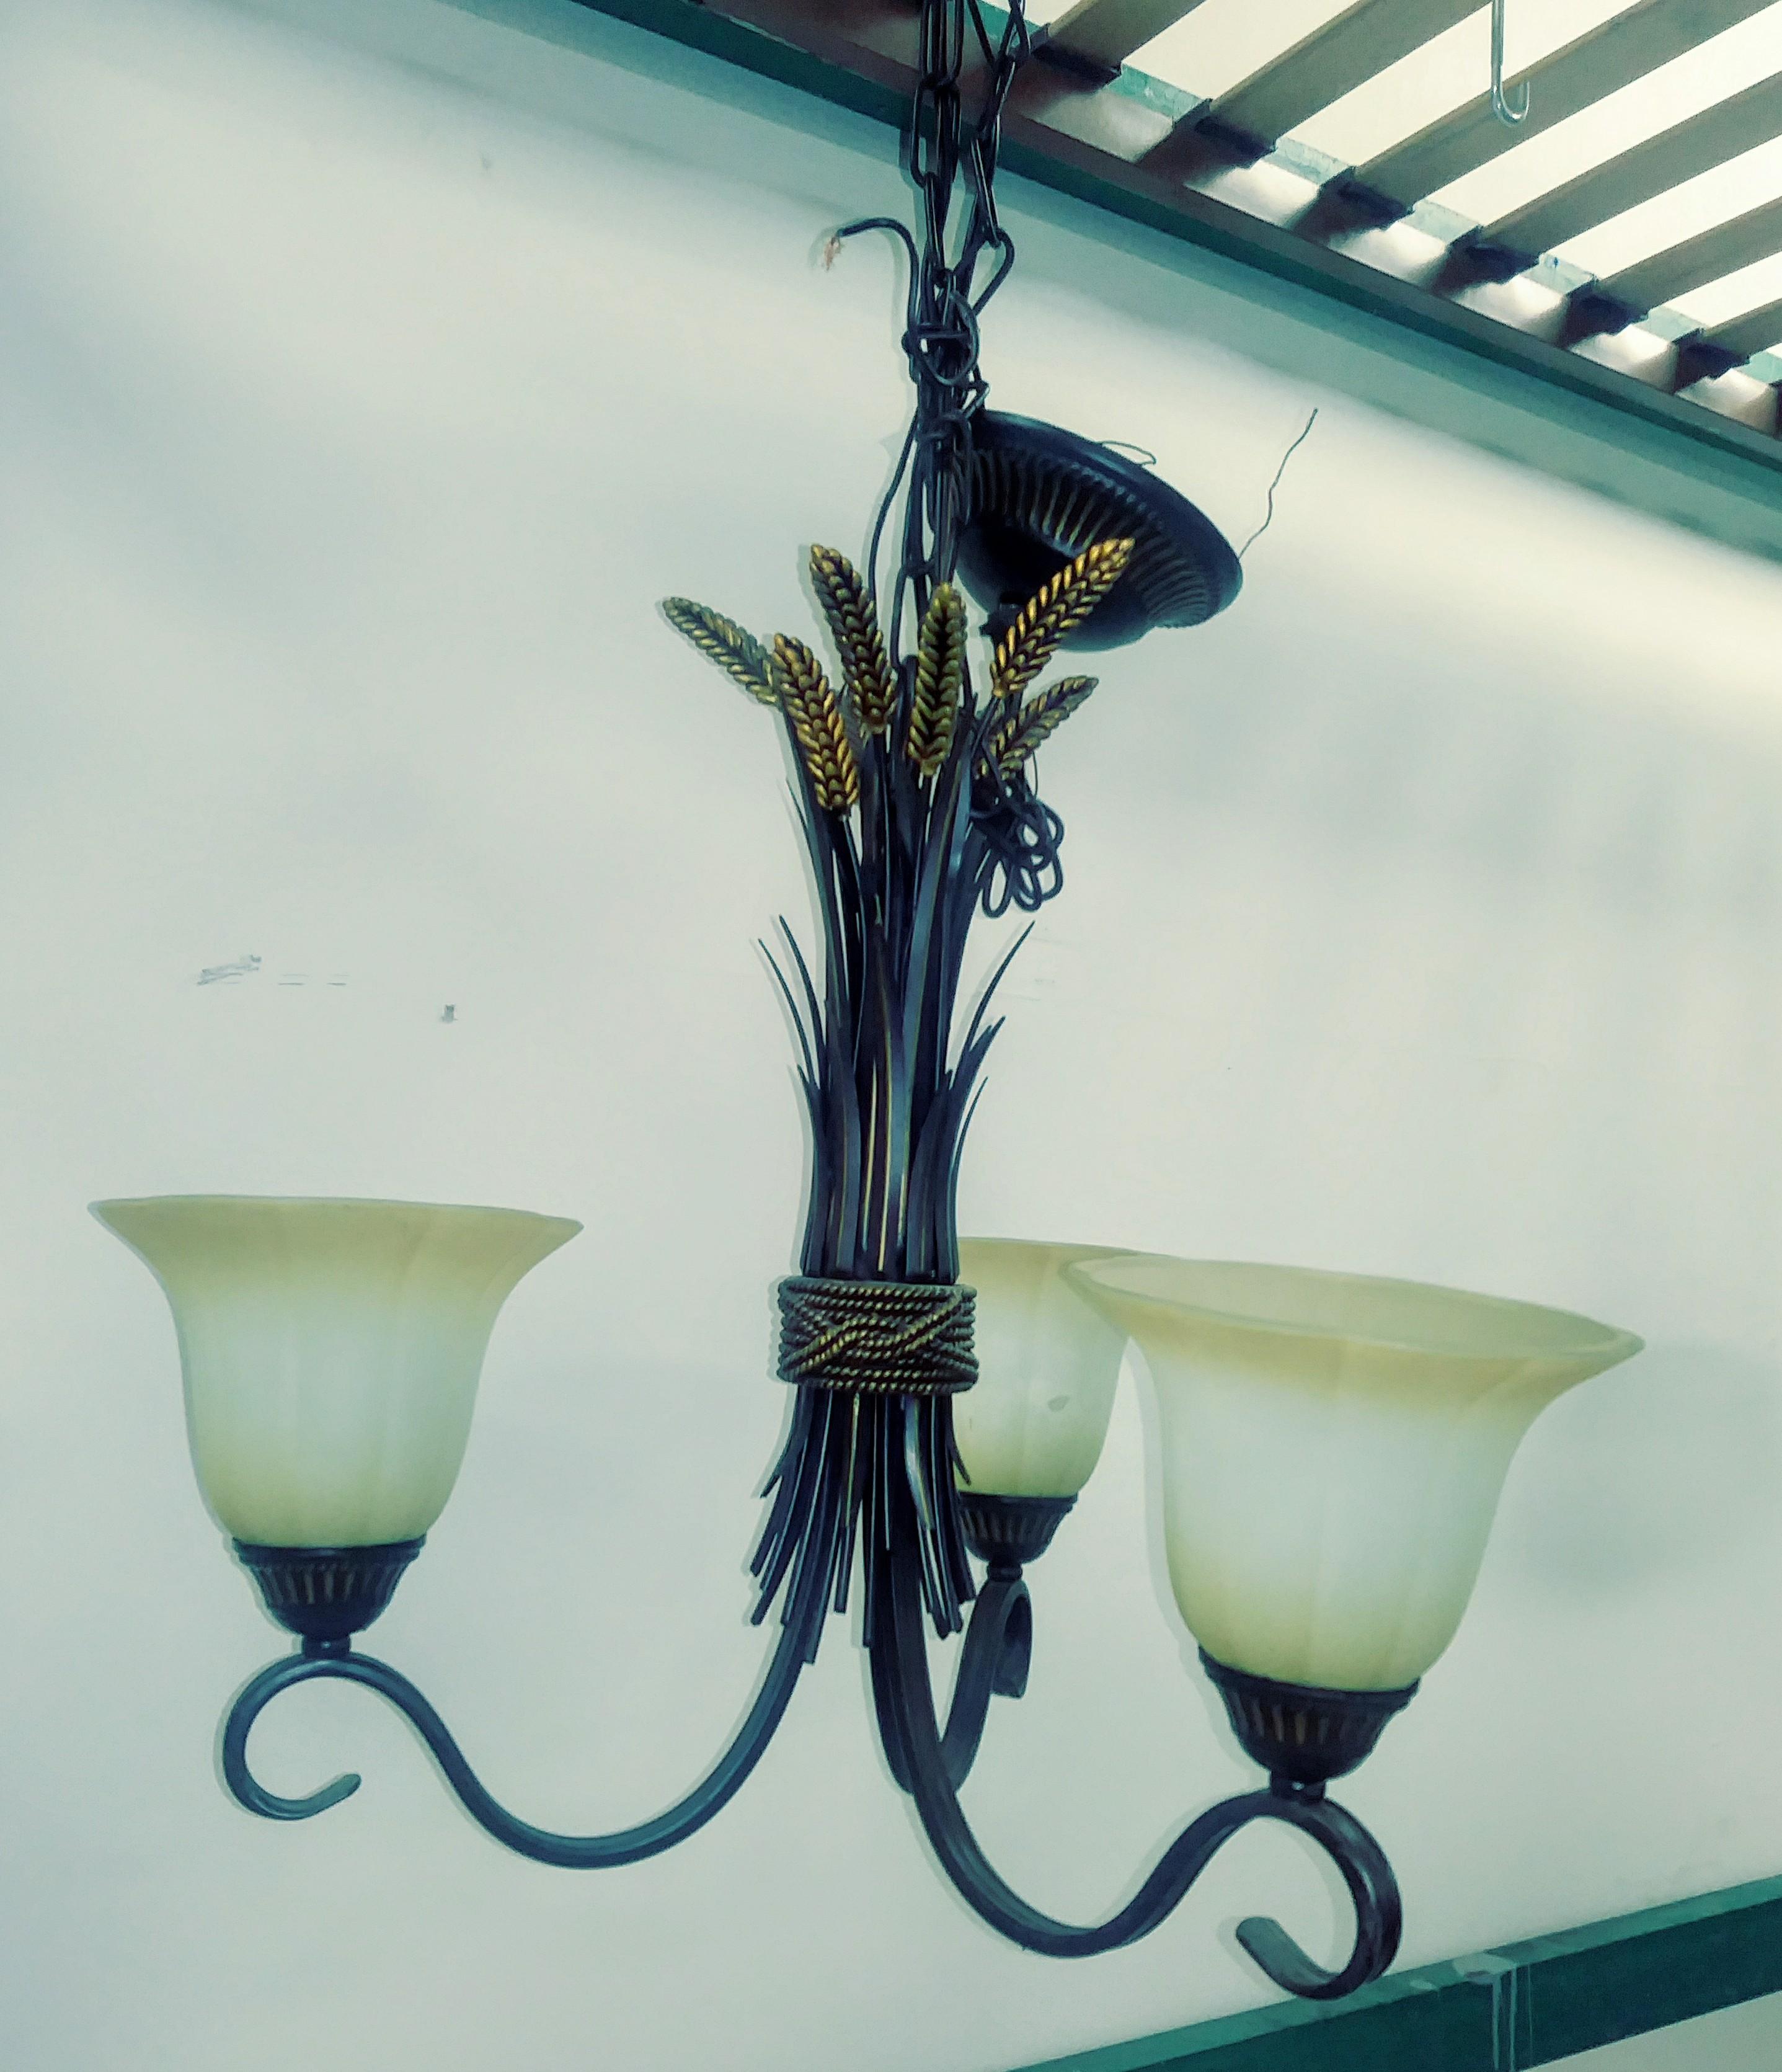 3-Light Chandelier w/ Wheat Decor